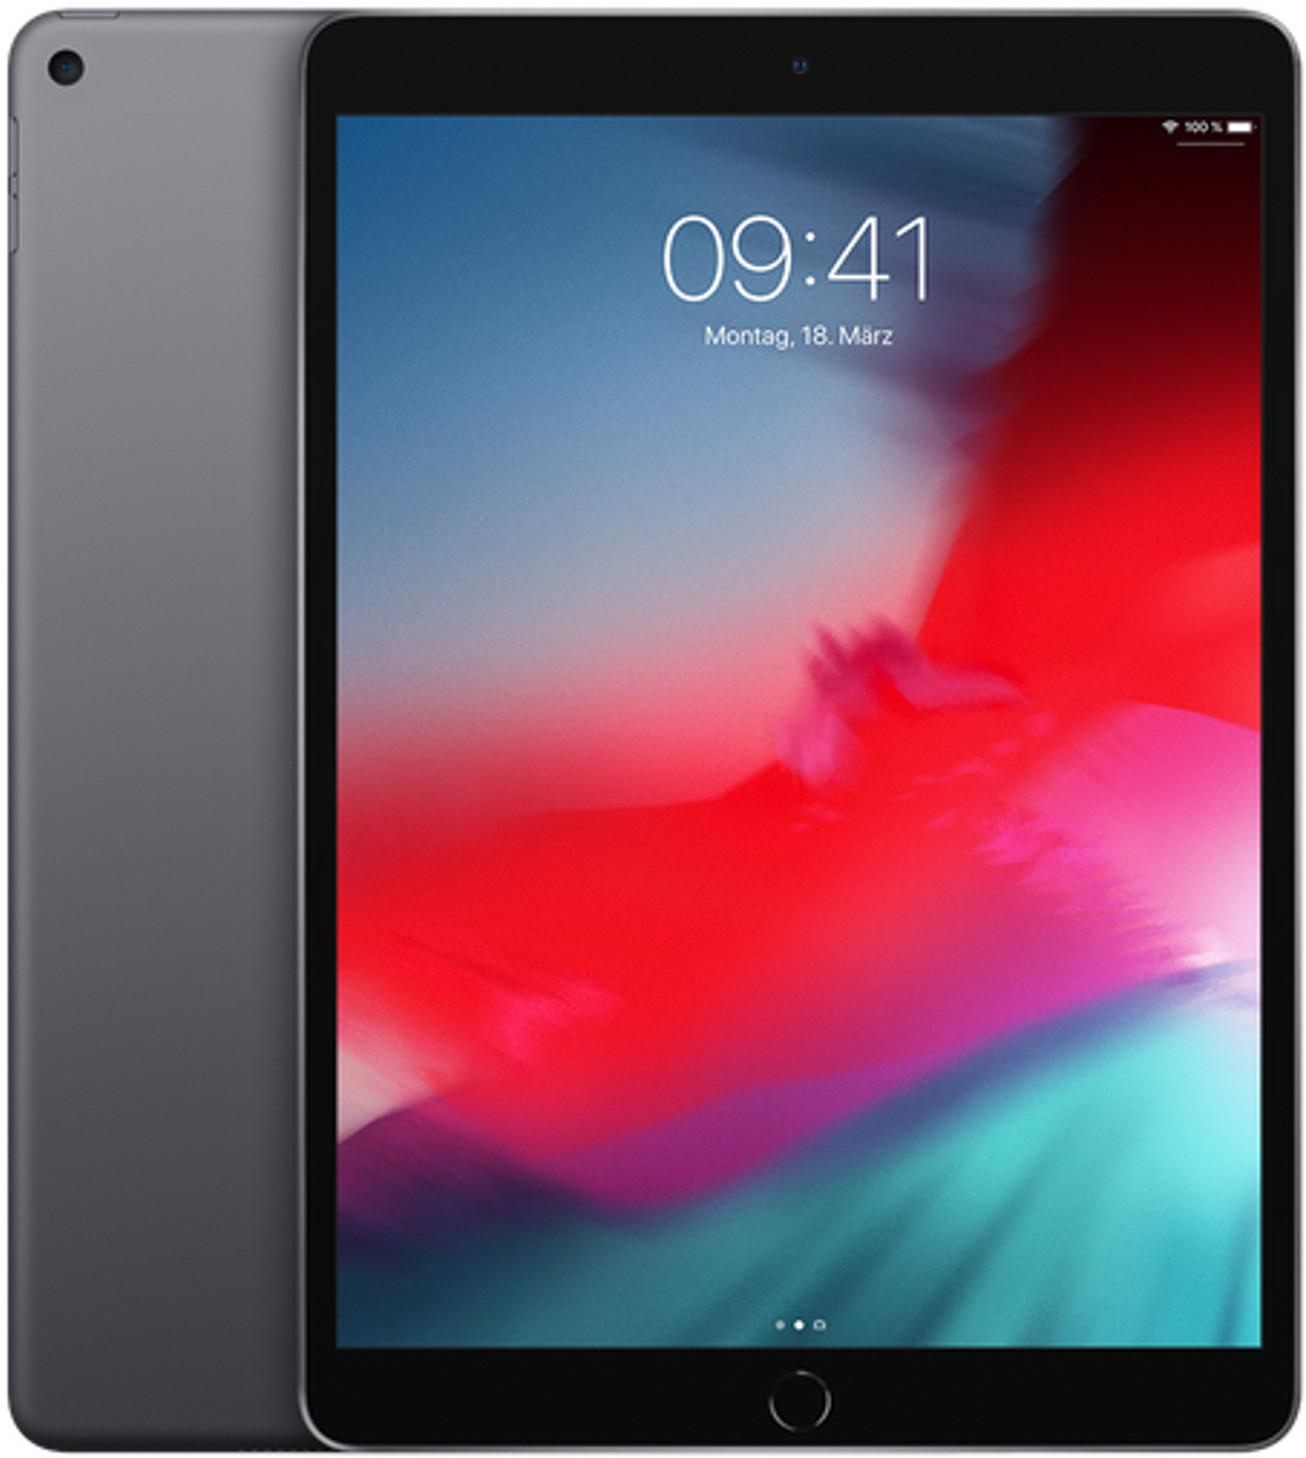 Apple iPad Air 10.5 WiFi - 256GB, Space Gray, 2019 - 529,90€ | iPad Air 3 256GB, LTE, Space Gray - 629,90€ | Air 3 64GB LTE 499,90€